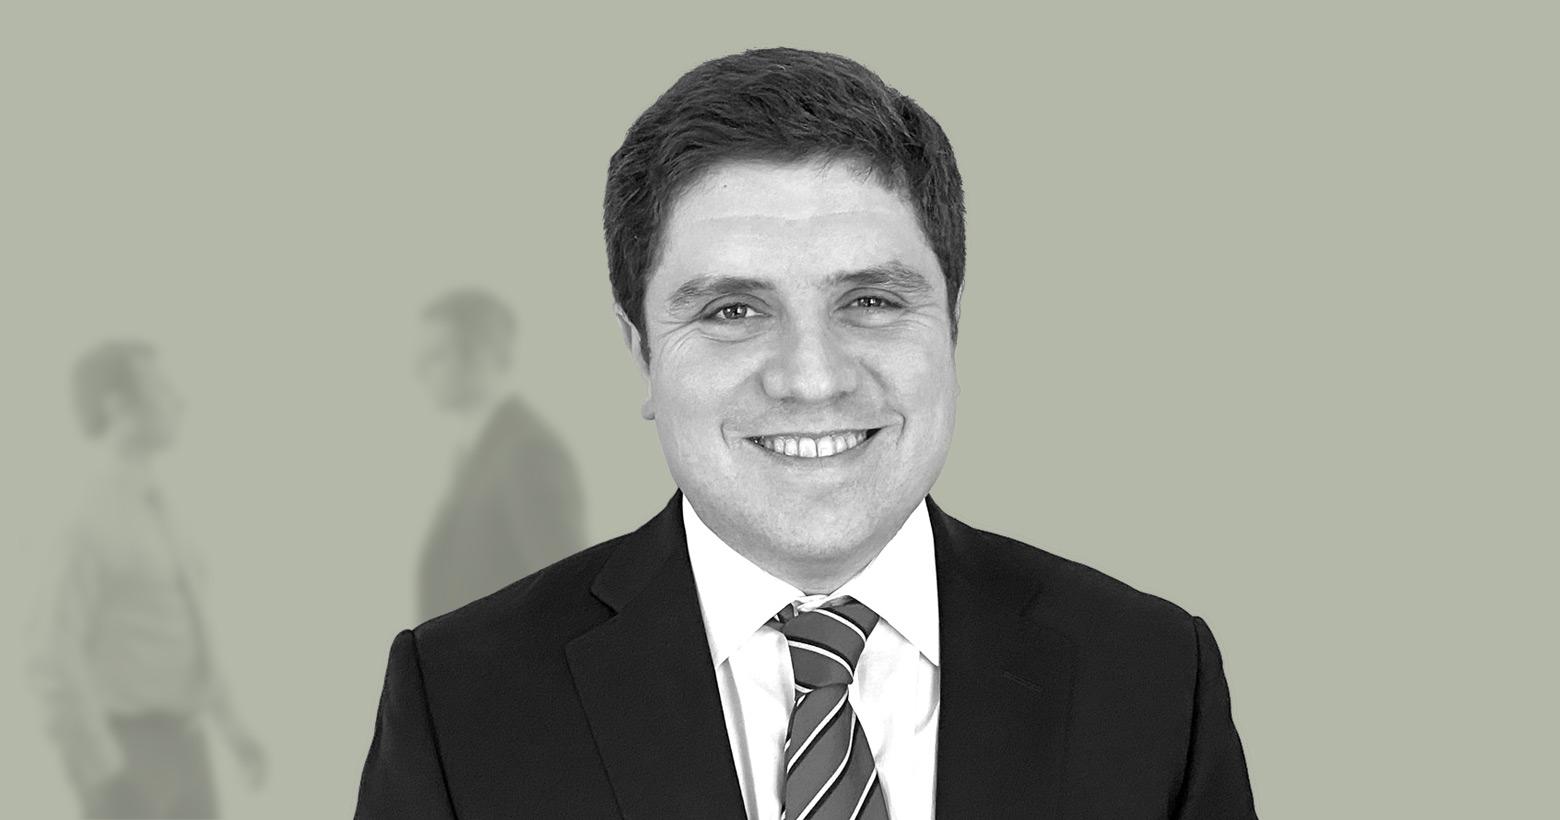 David Zylberberg